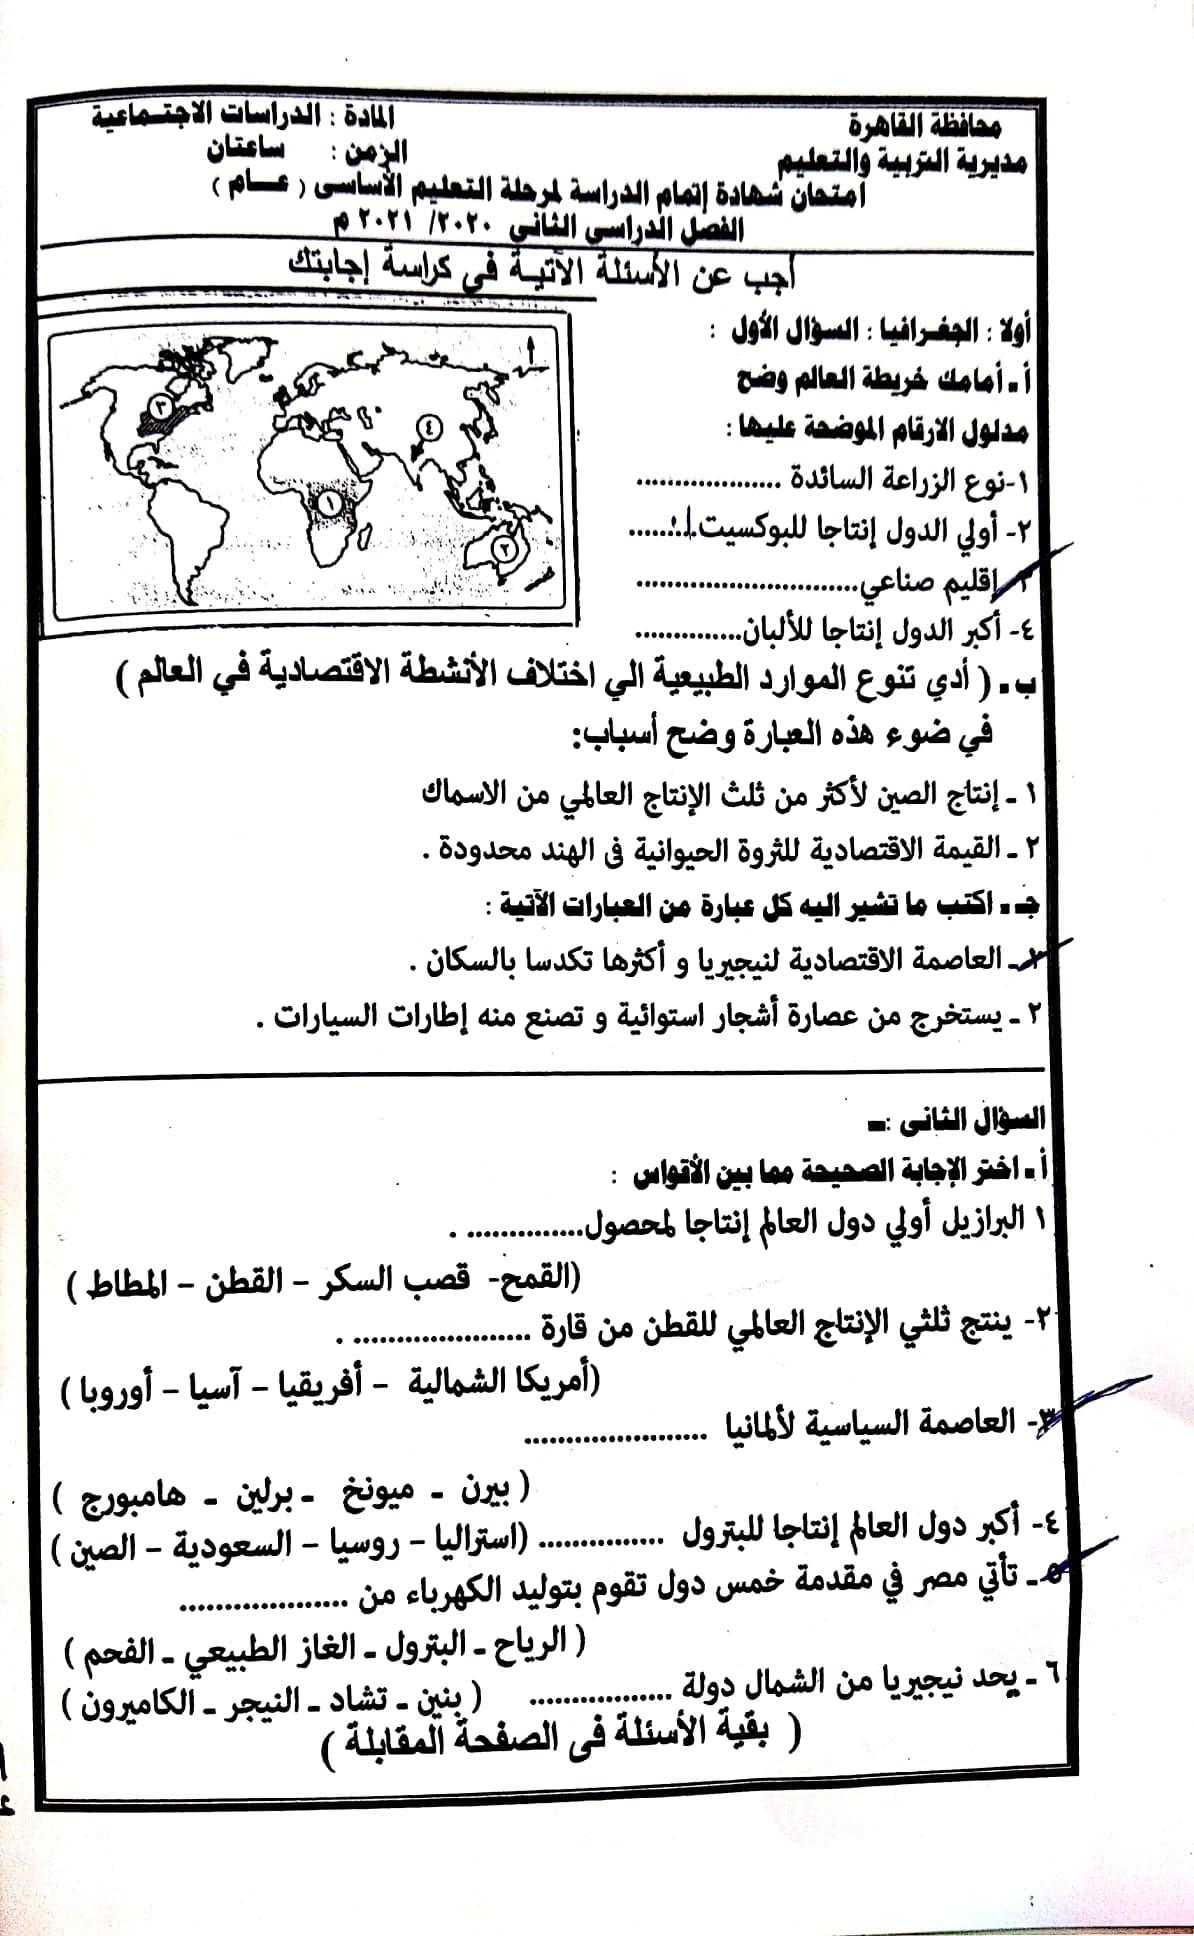 امتحان الدراسات الاجتماعية محافظة القاهرة للصف الثالث الاعدادى ترم ثانى 2021 ونموذج الاجابة